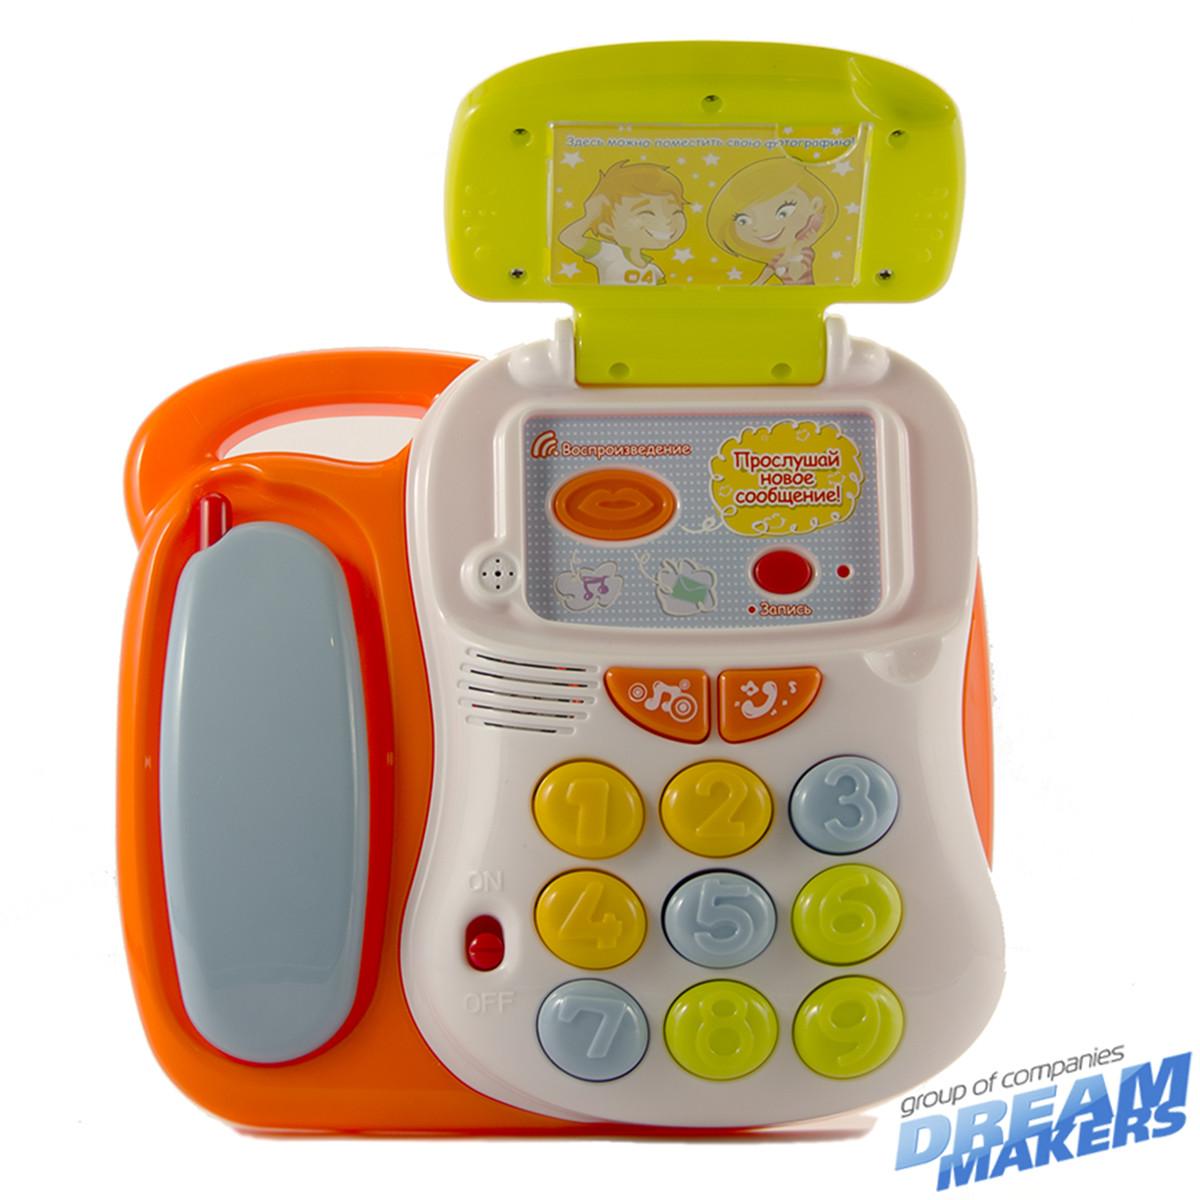 TT13 Говорящий телефон